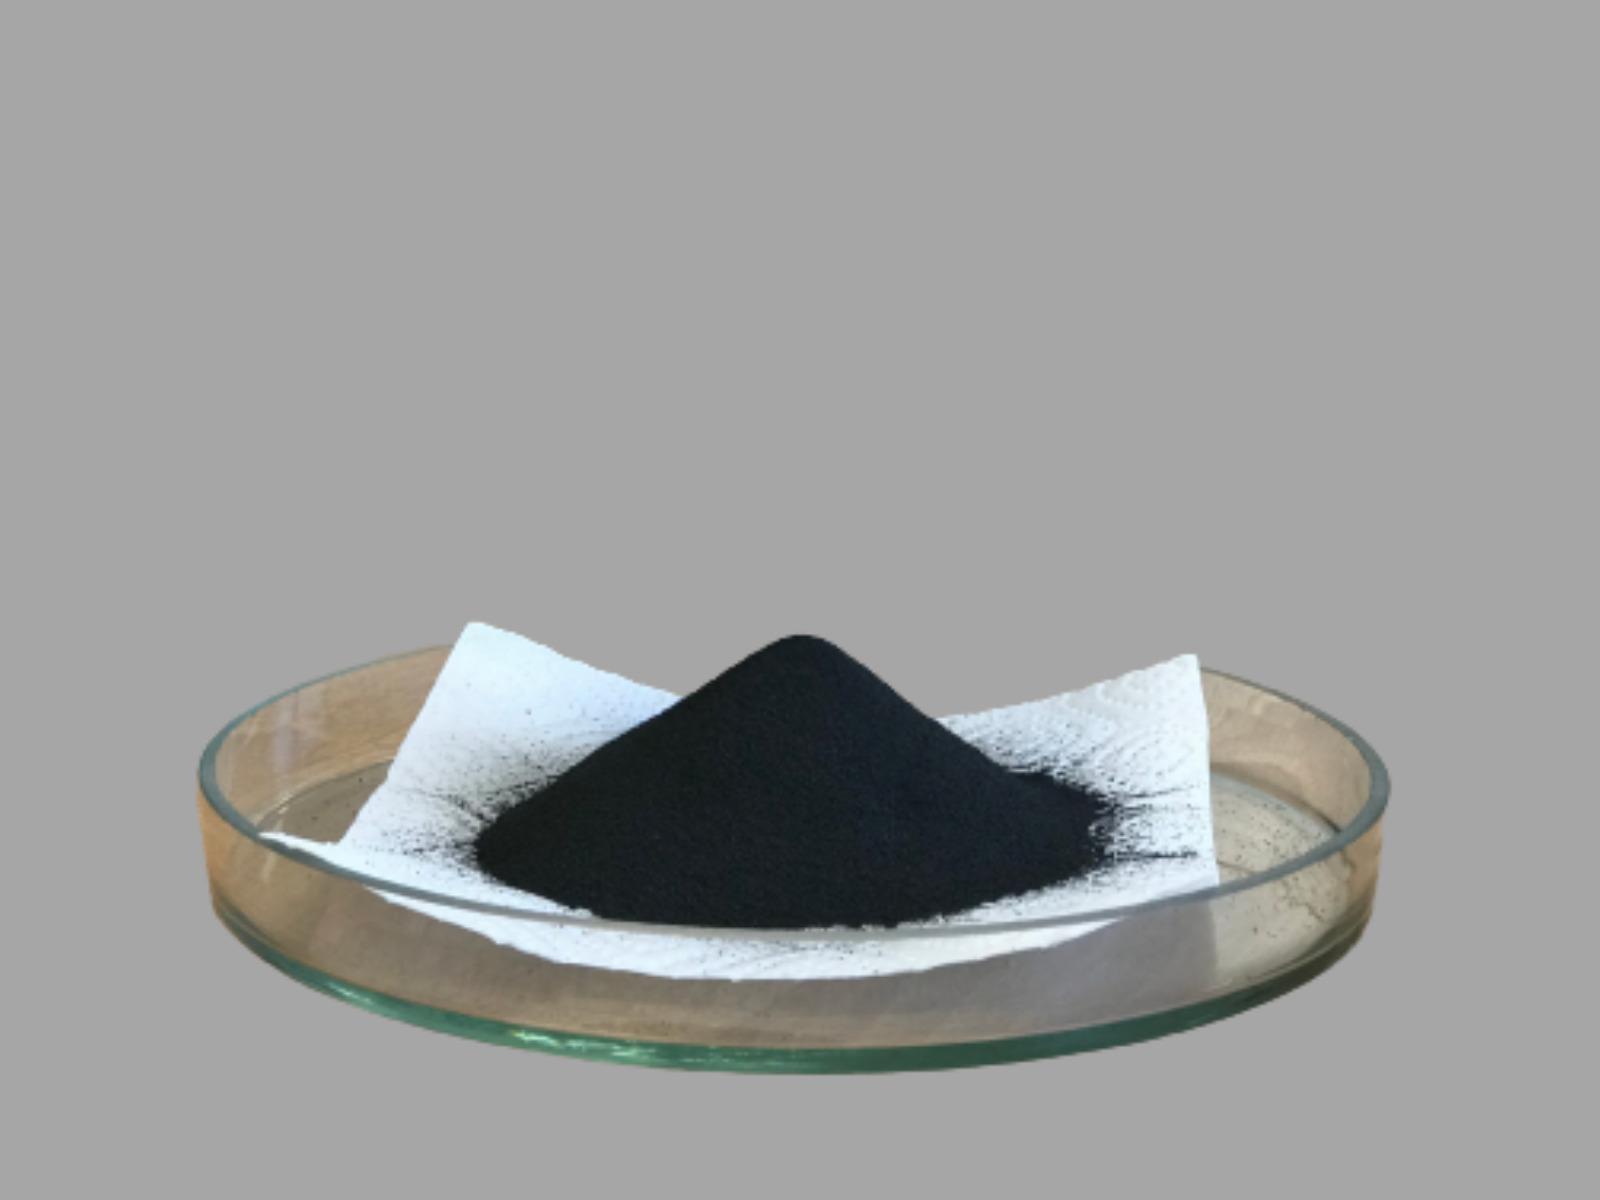 ATZ powder and granulate